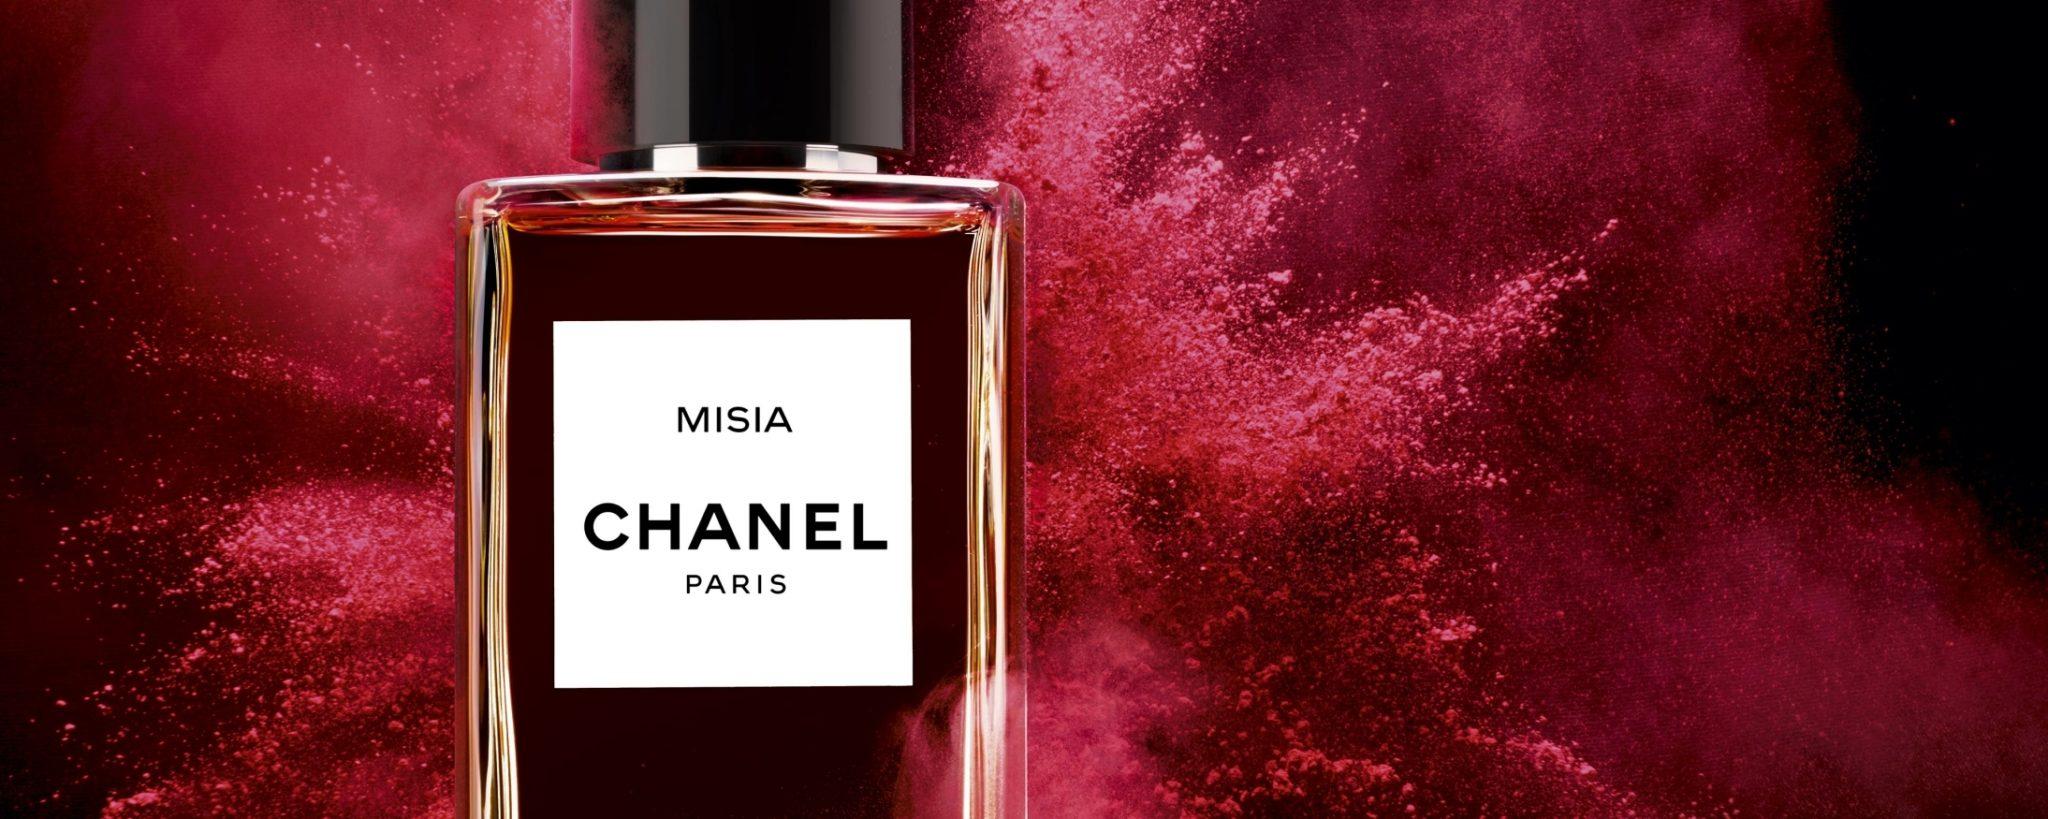 Chanel Les Exclusifs Misia eau de parfum Esprit de Gabrielle jeronimodiparigi-dev-esprit-de-gabrielle.pf1.wpserveur.net